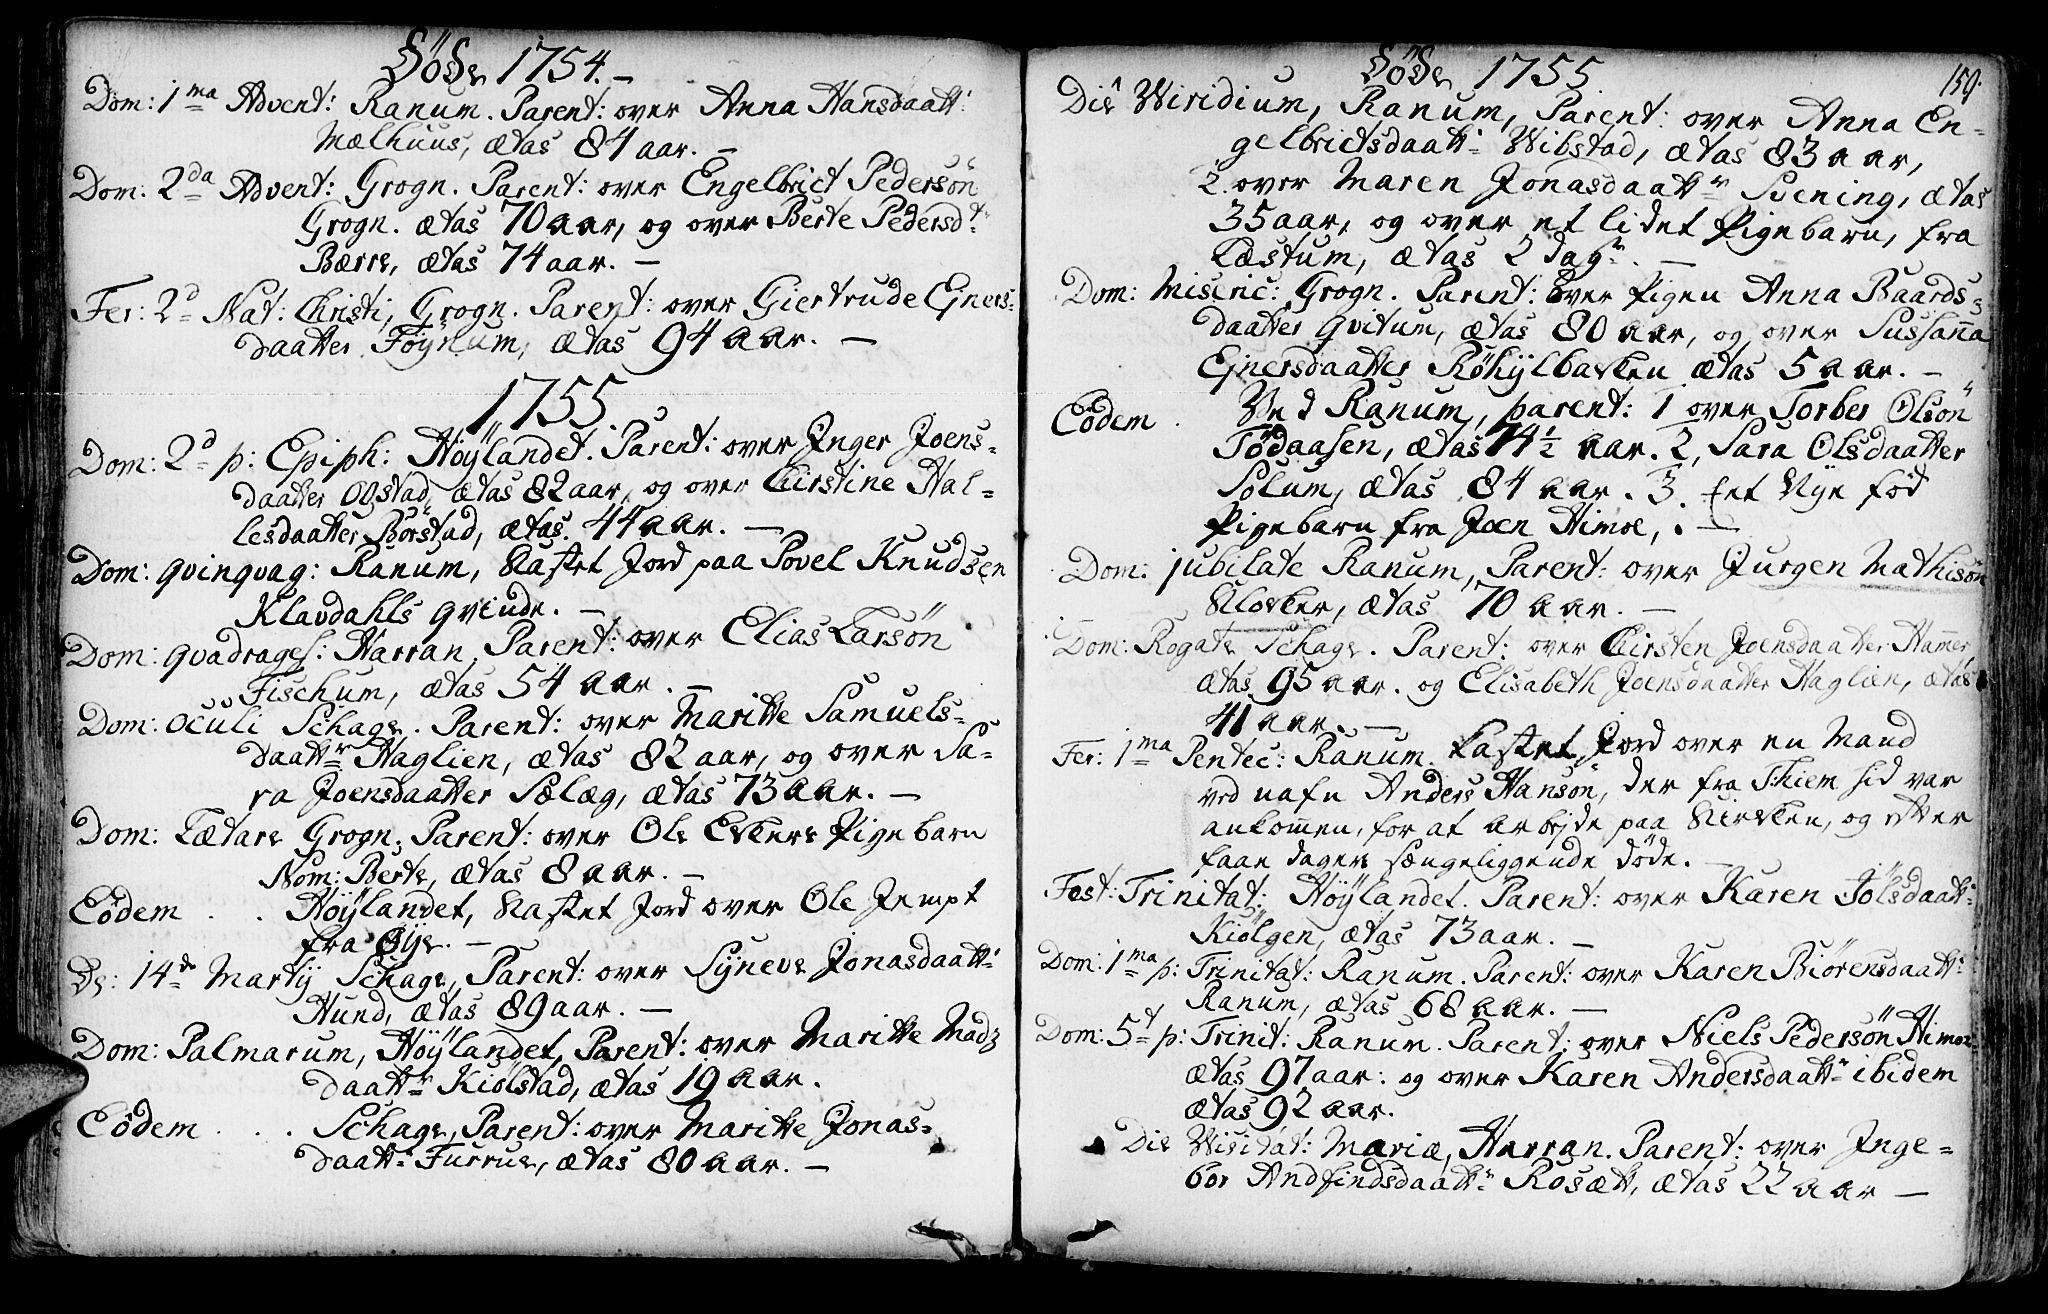 SAT, Ministerialprotokoller, klokkerbøker og fødselsregistre - Nord-Trøndelag, 764/L0542: Ministerialbok nr. 764A02, 1748-1779, s. 159